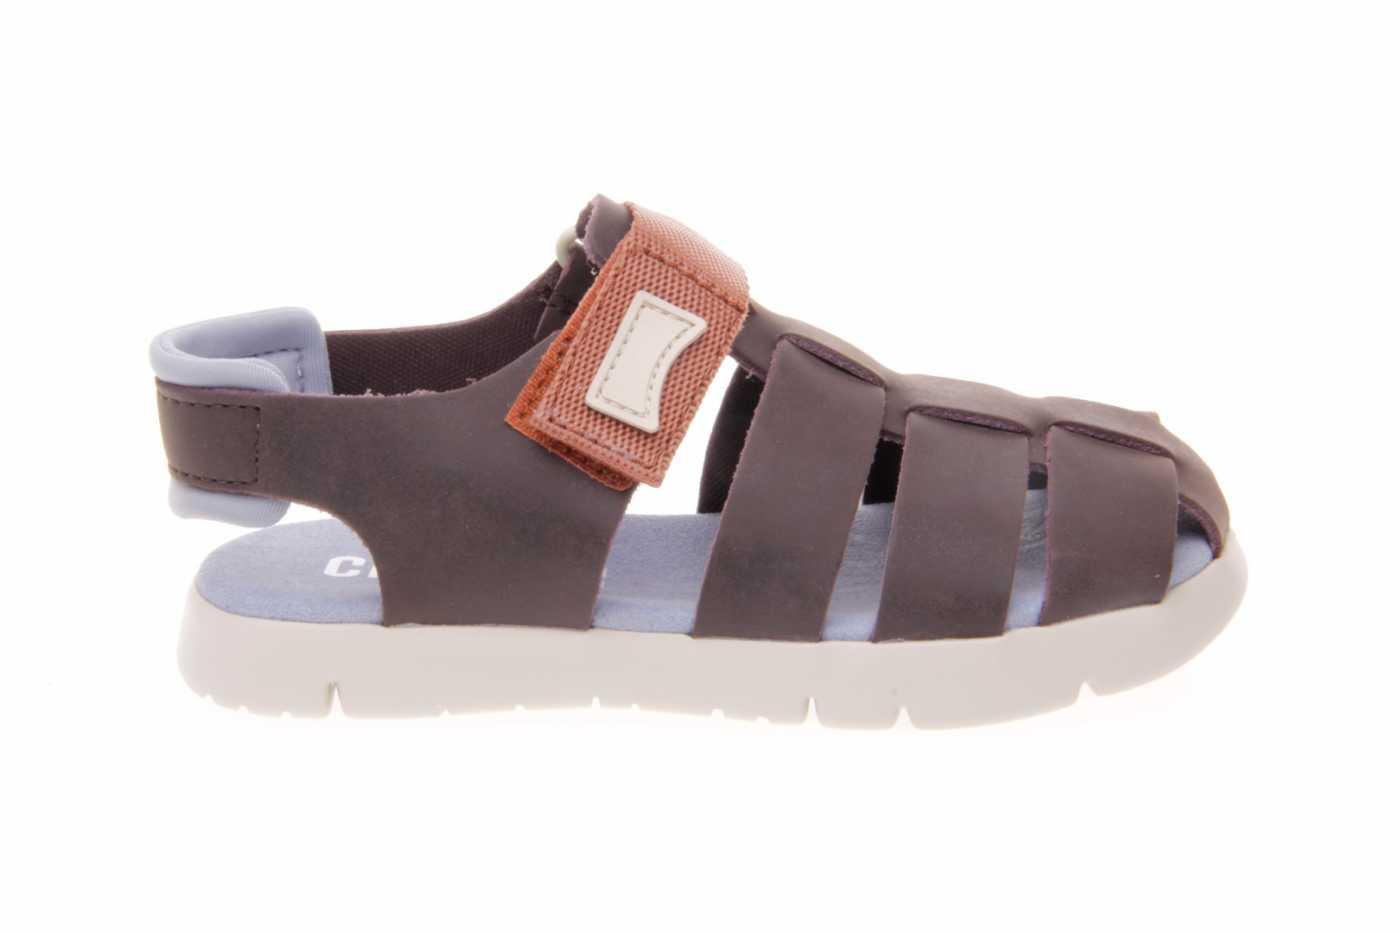 a9845160 Comprar zapato tipo JOVEN NIÑO estilo SANDALIA COLOR MARRON PIEL ...